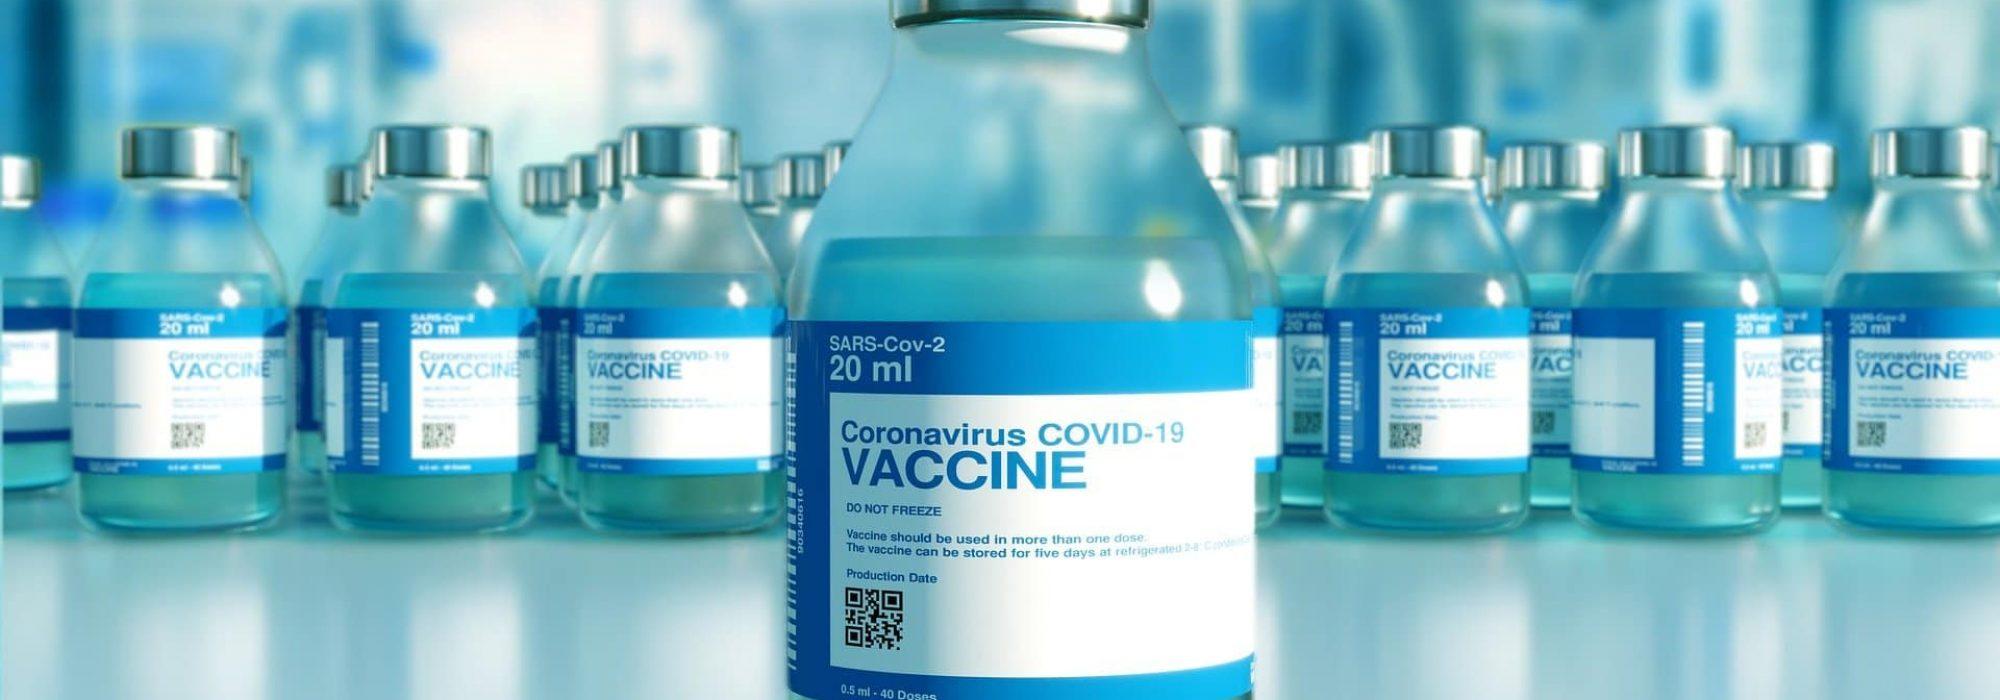 vaccine-5897391_1920